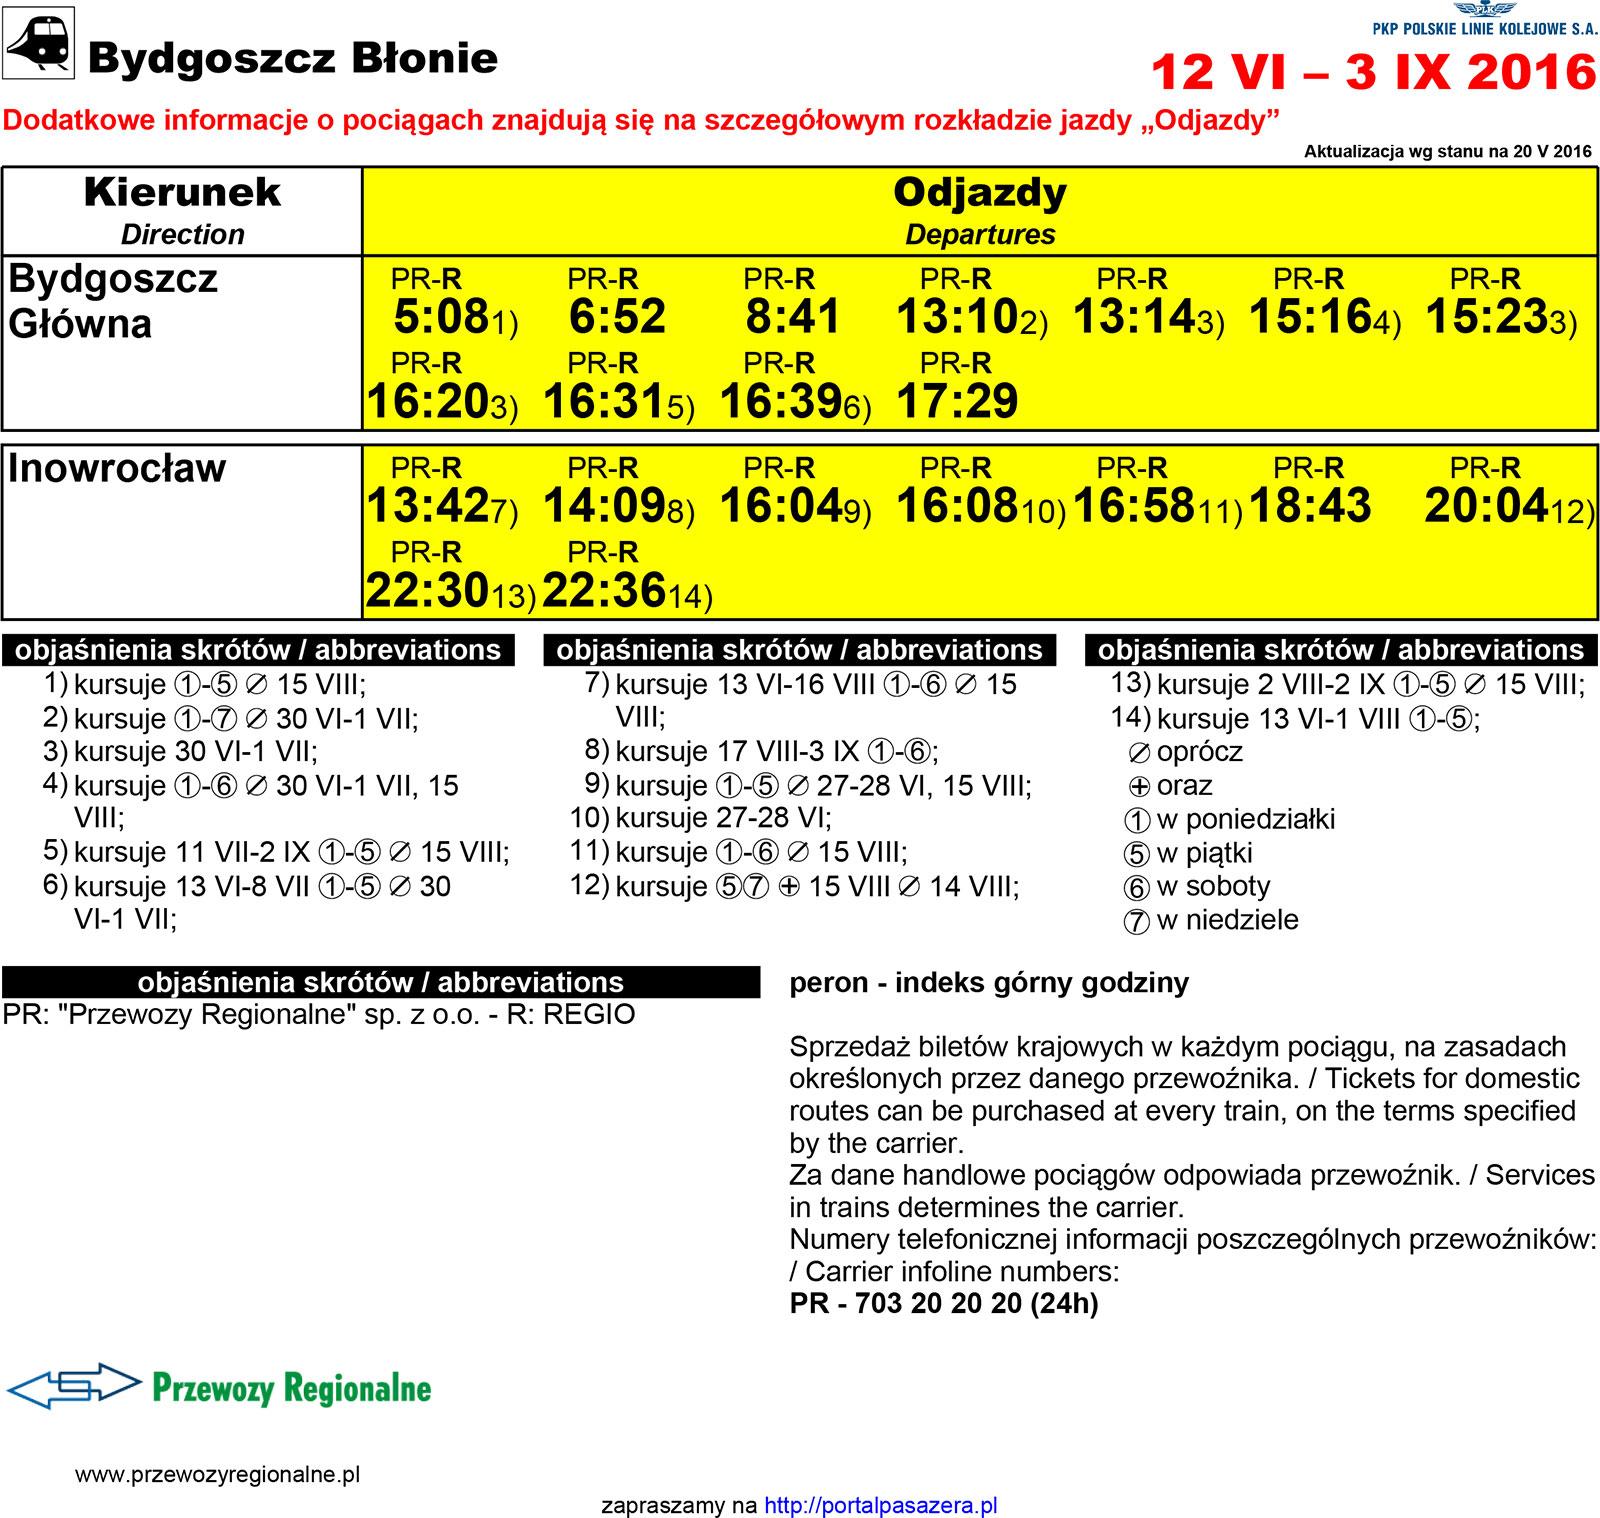 tablica_bydgoszcz_blonie